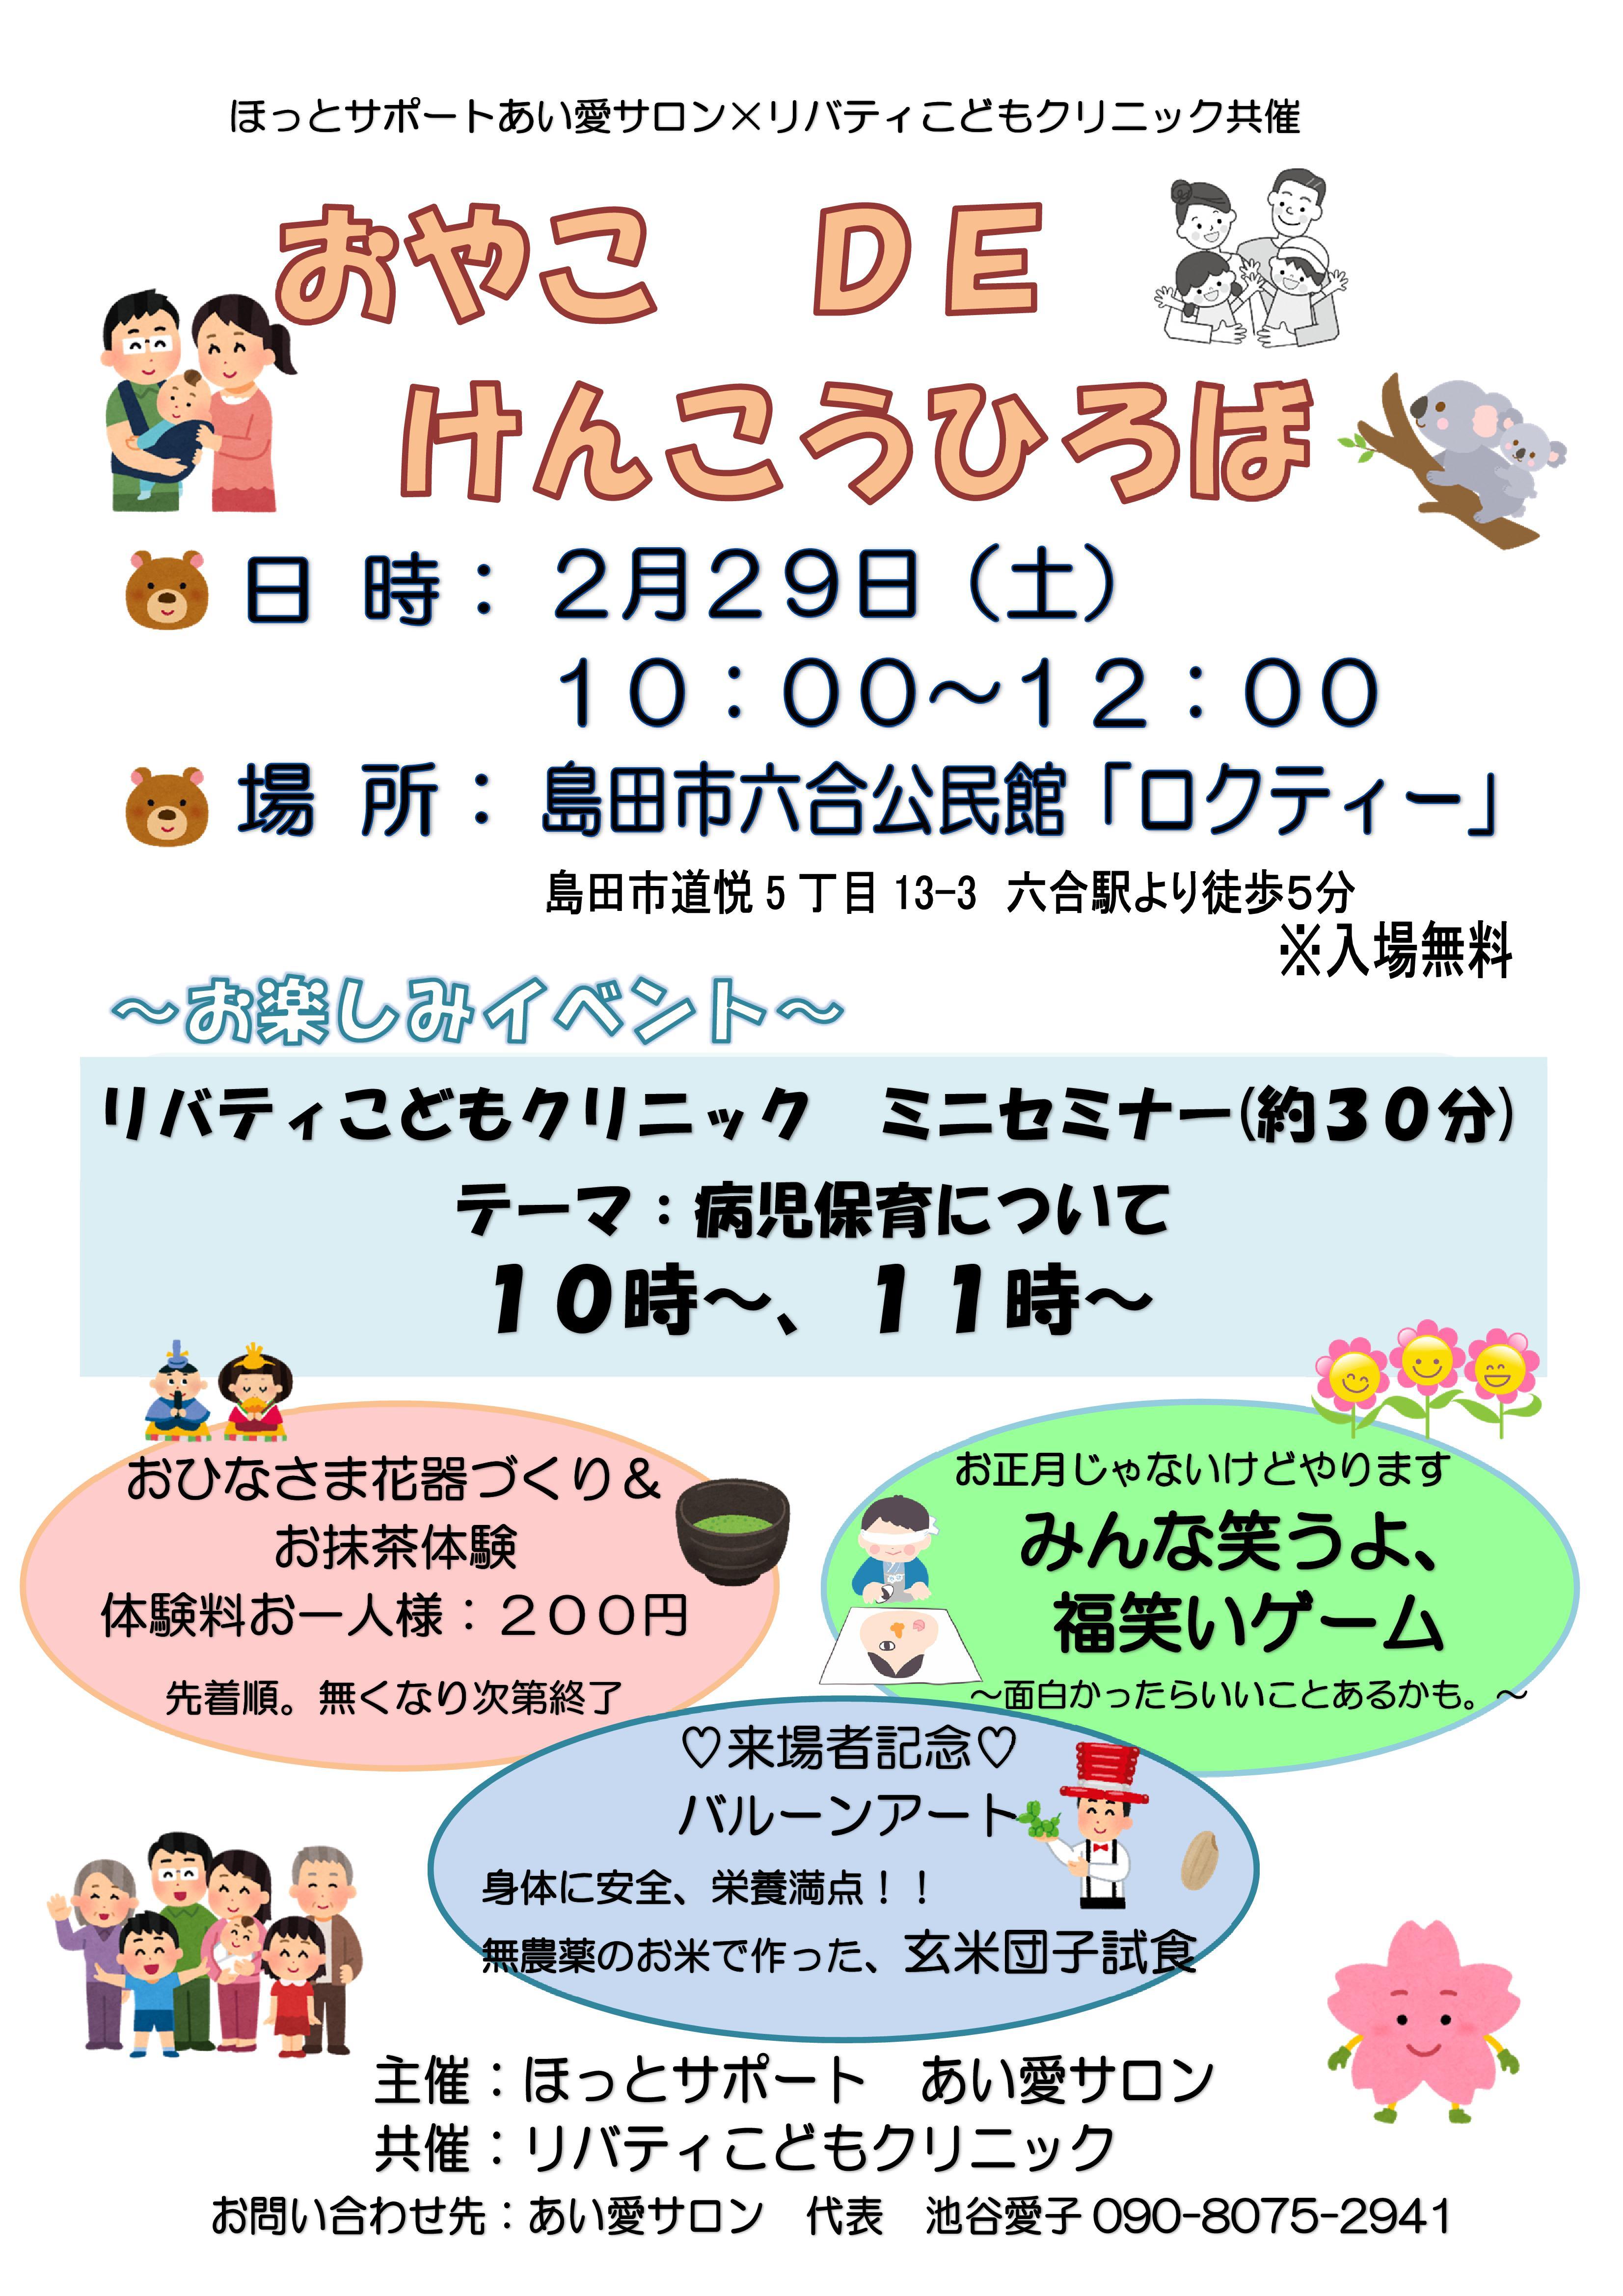 Microsoft Word - 200229 あい愛サロンチラシ